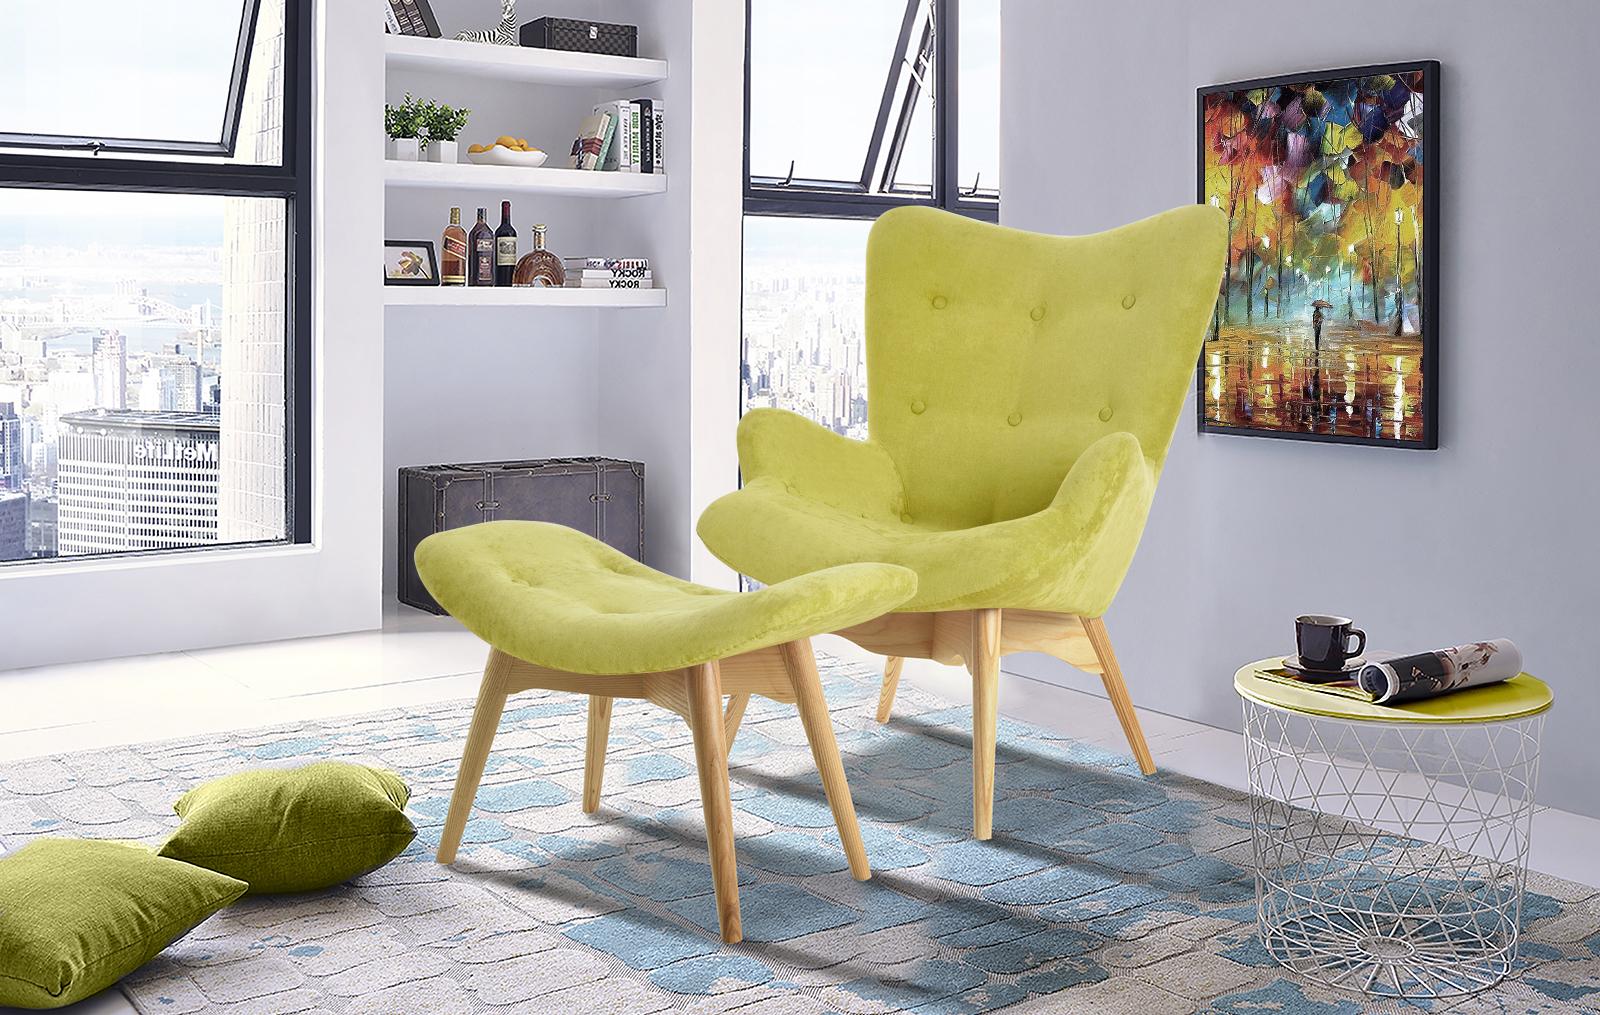 Кресло DC917 оливковый 2214-12 + банкетка DC917F оливковый